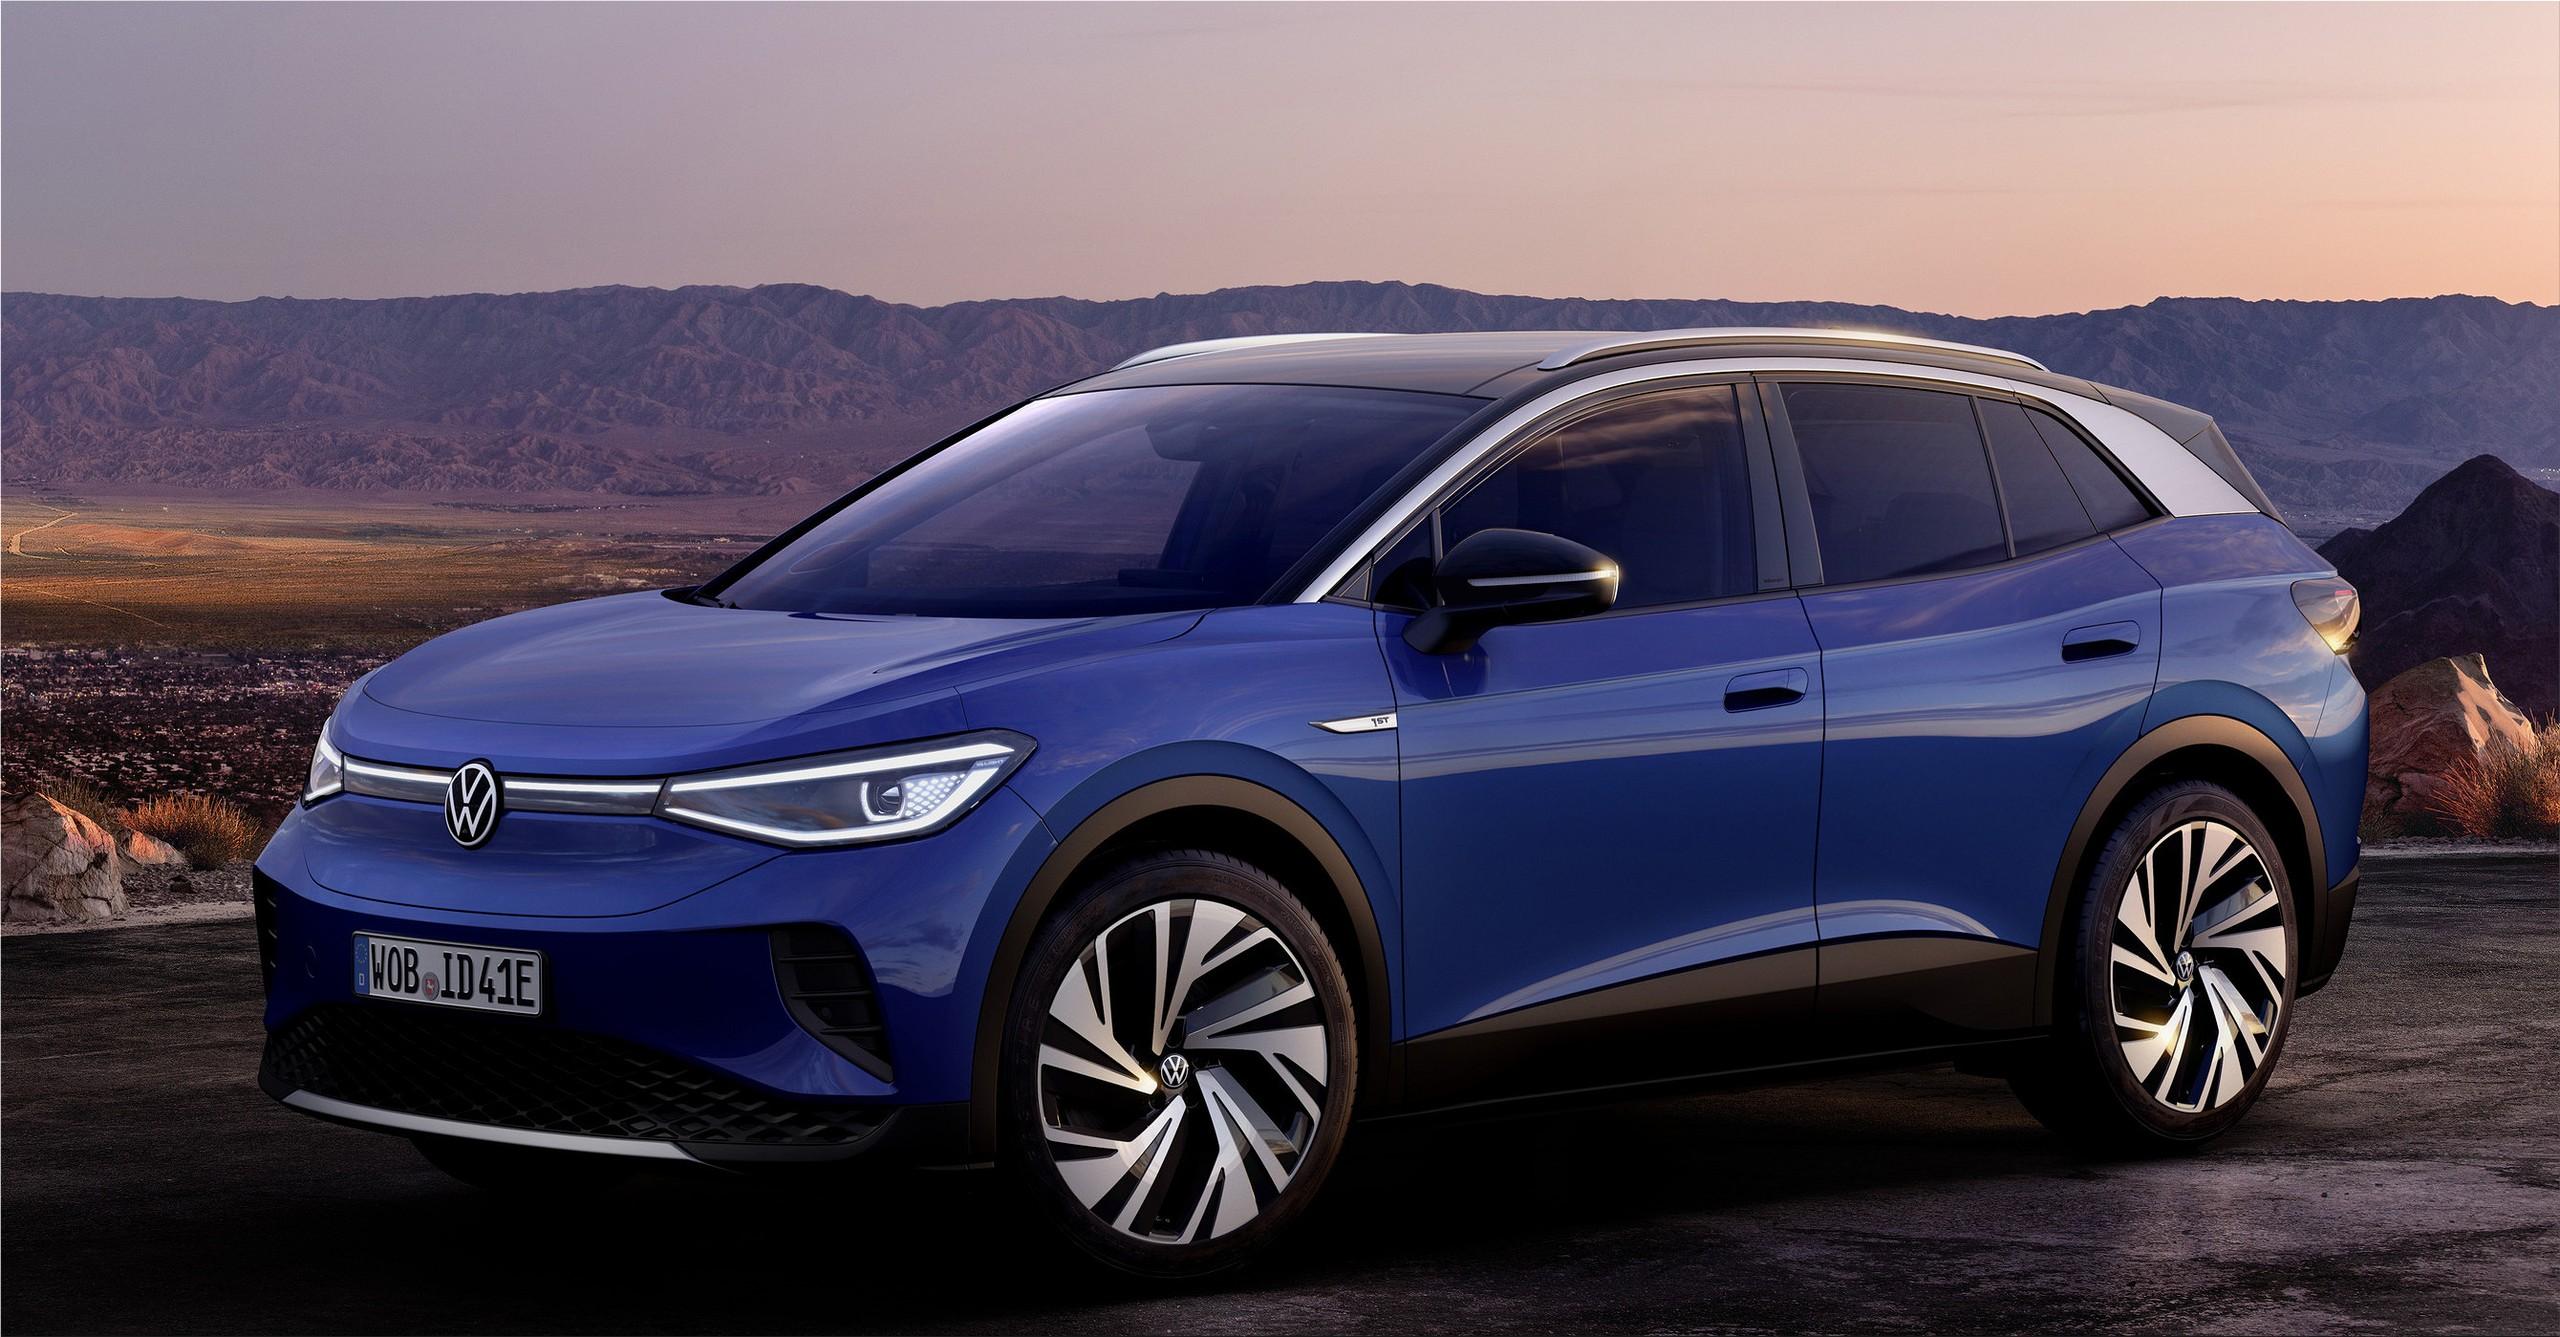 Volkswagen Siap Luncurkan Mobil Listrik di Tahun 2025